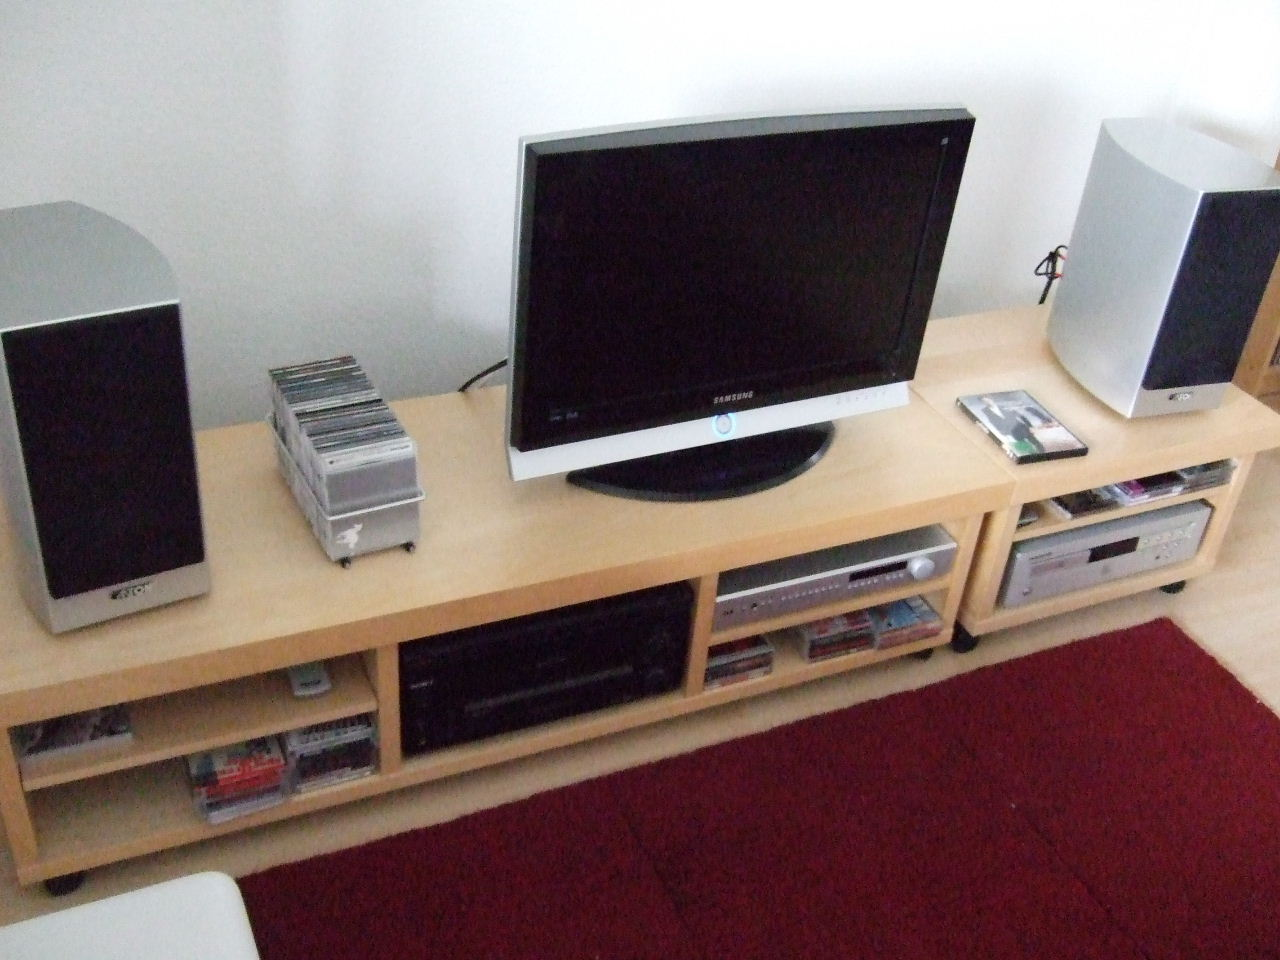 meine stereoanlage hifi gebraucht kaufen und verkaufen hifi anlagen f r unicef auf. Black Bedroom Furniture Sets. Home Design Ideas